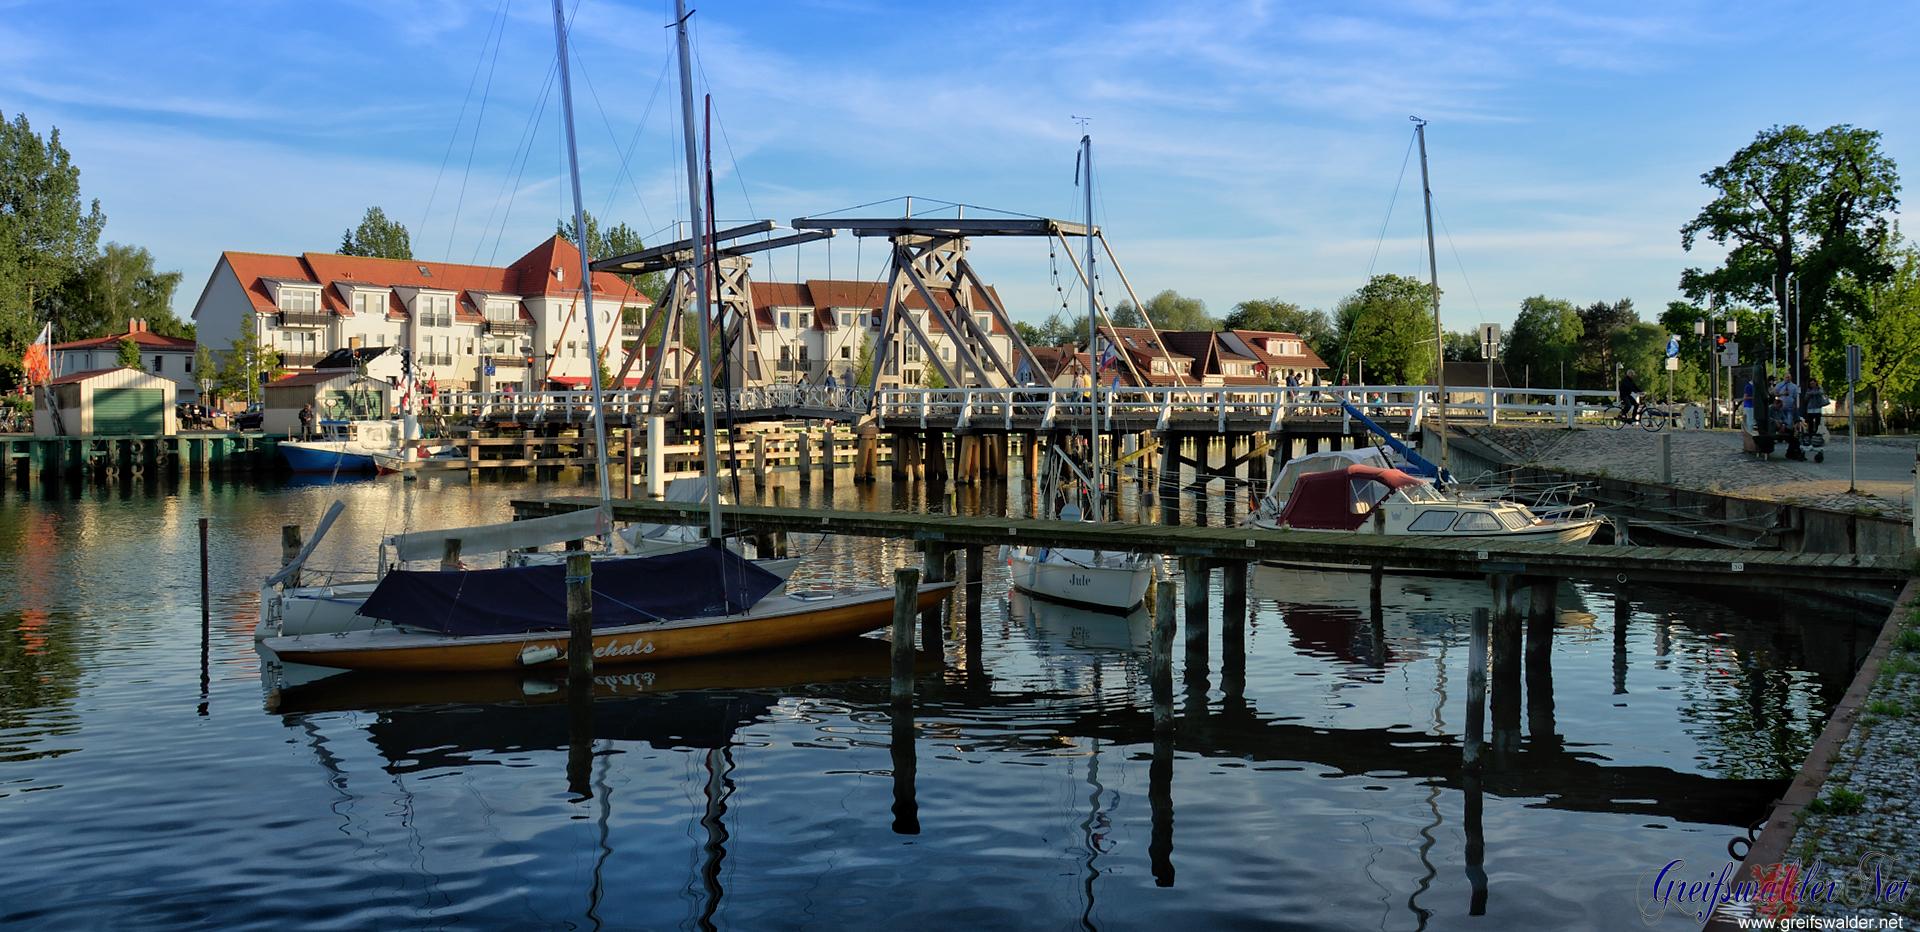 Guten Abend aus Greifswald-Wieck